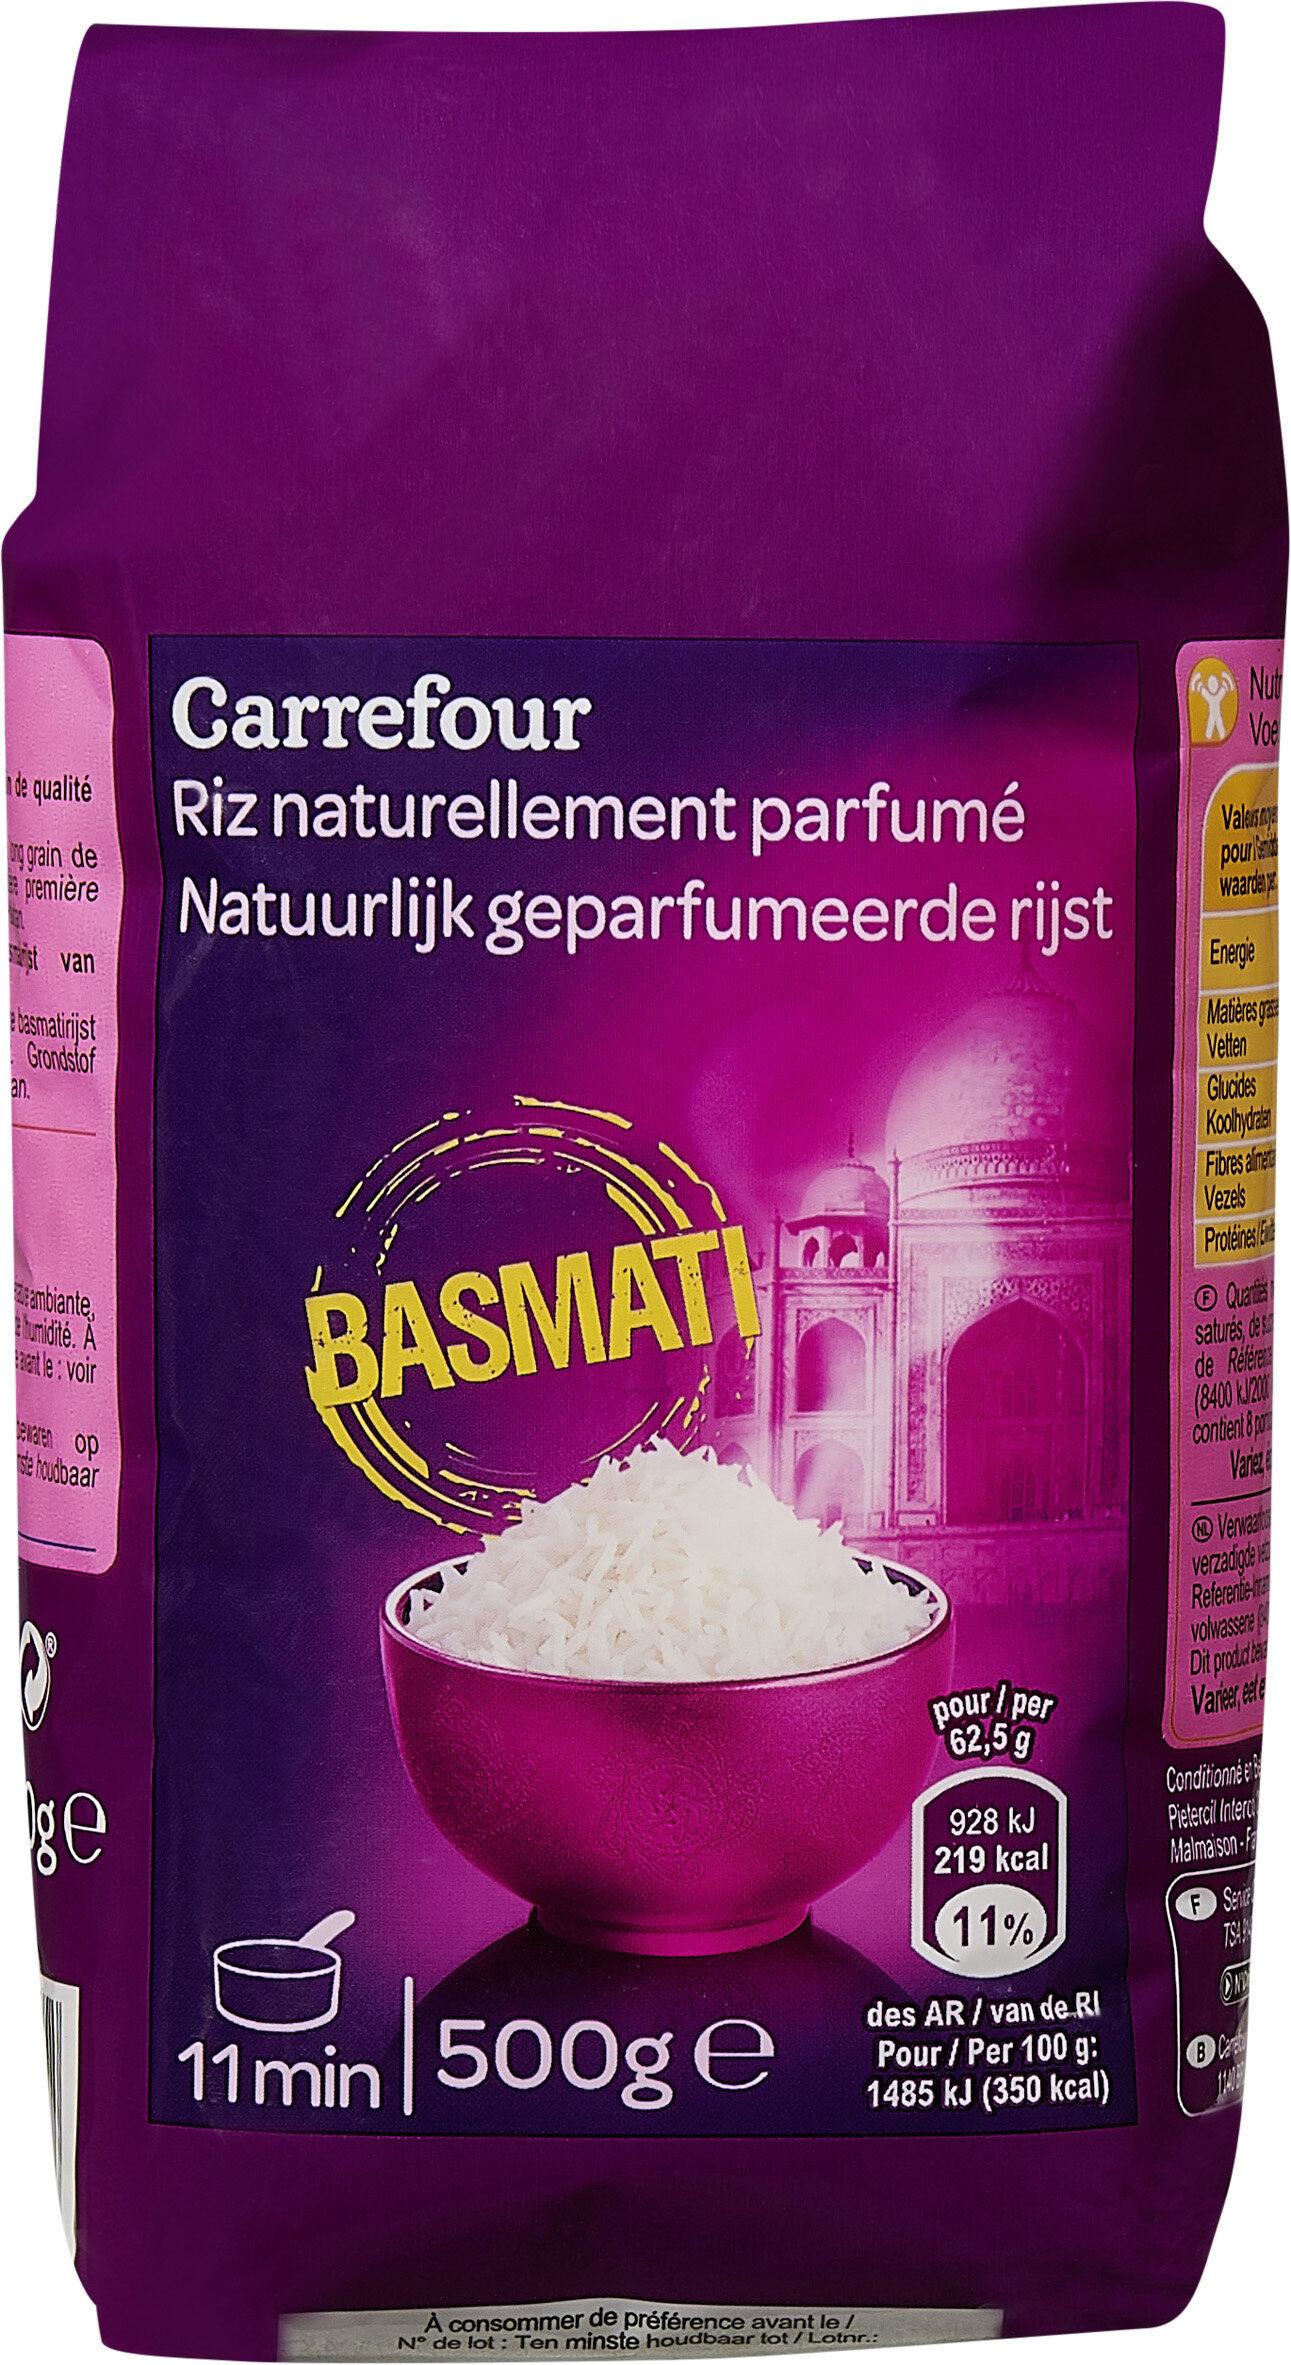 Riz naturellement parfumé - Prodotto - fr